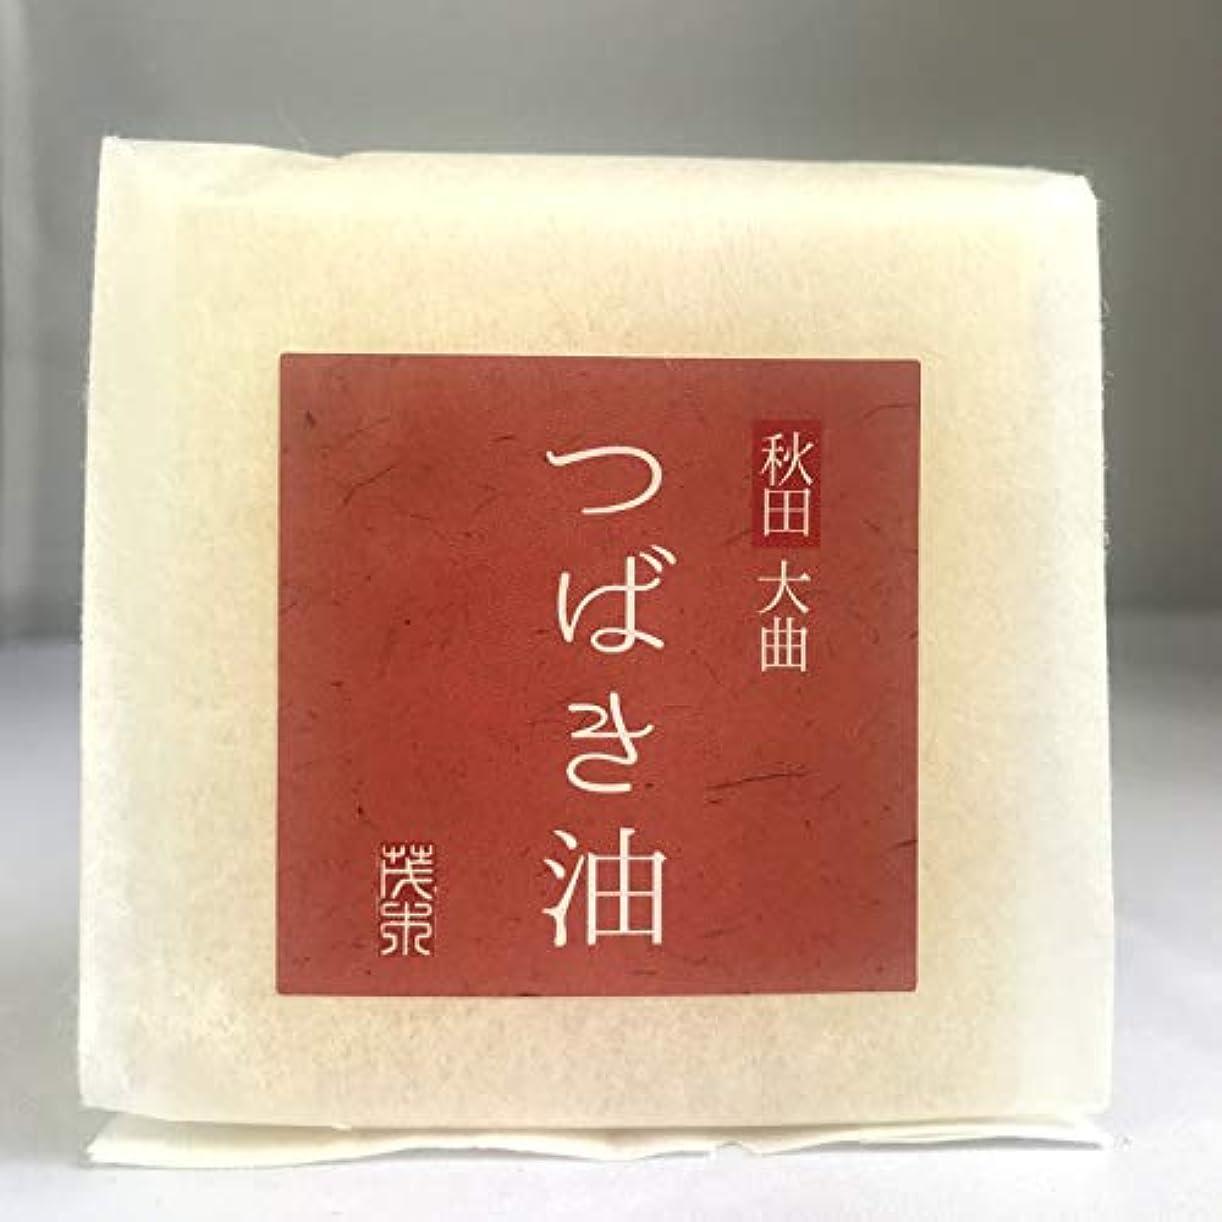 無添加石鹸 つばき油石鹸 100g